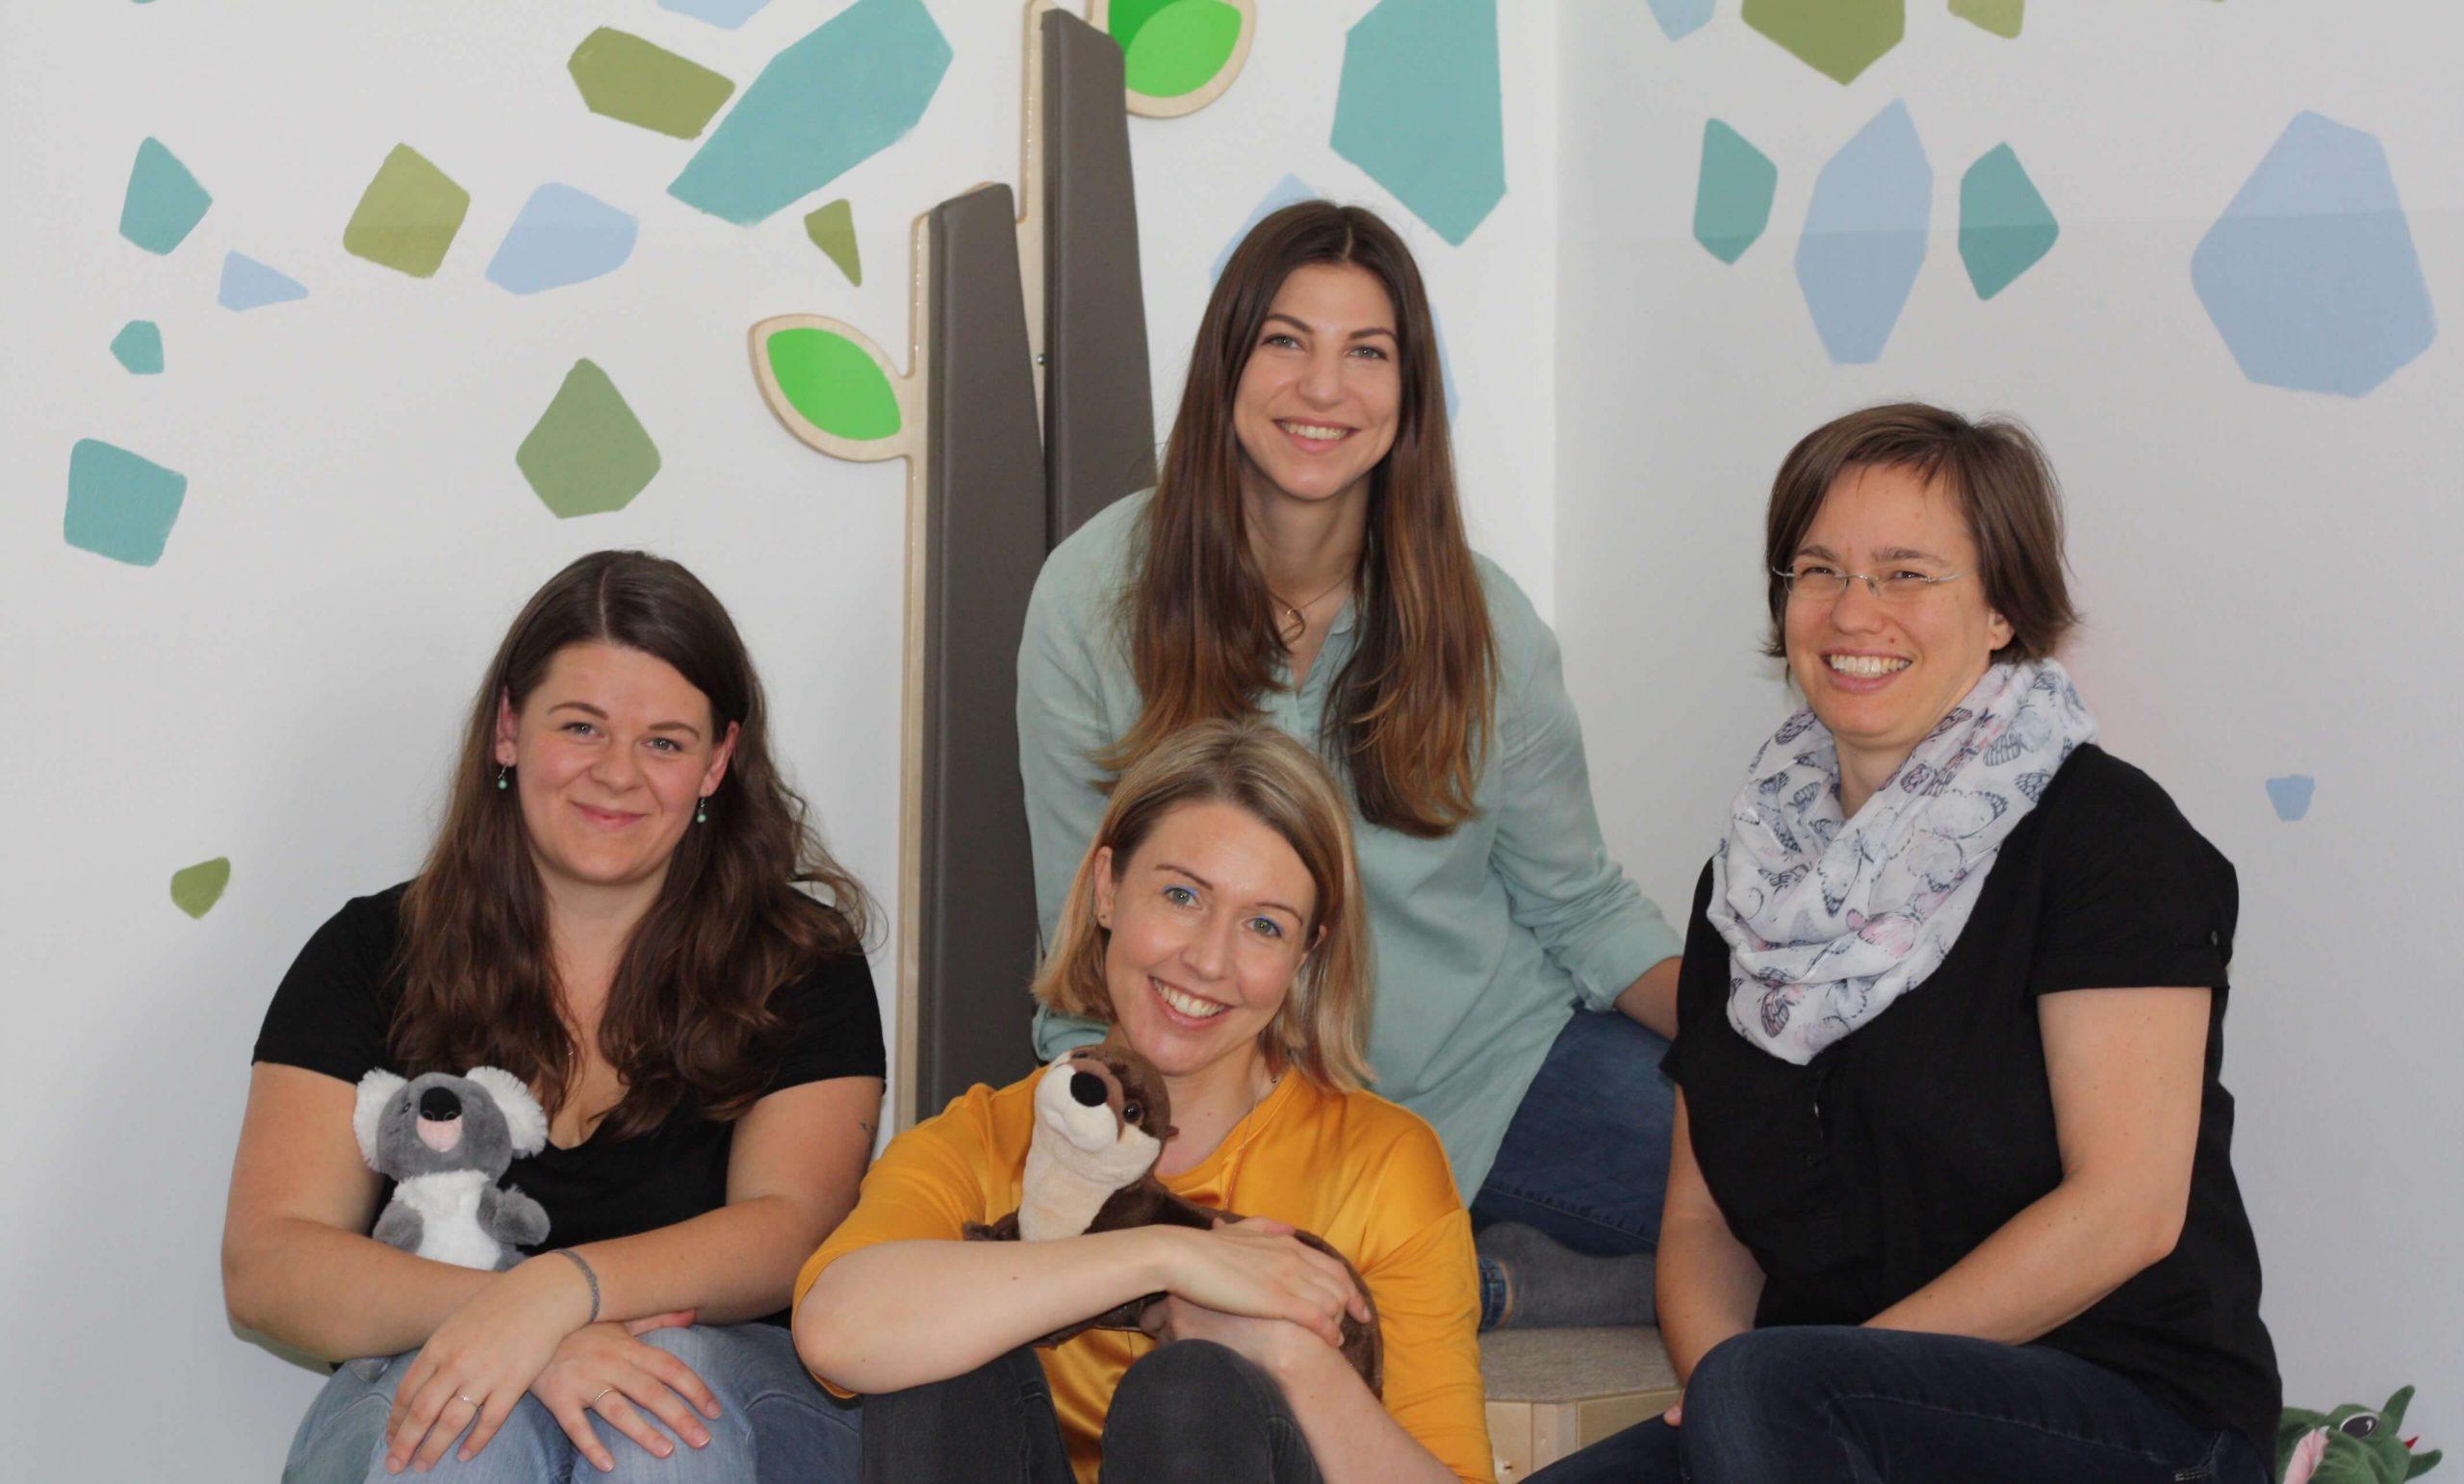 Kinder und Jugendpsychologie und Psychotherapie Praxis LEON Team